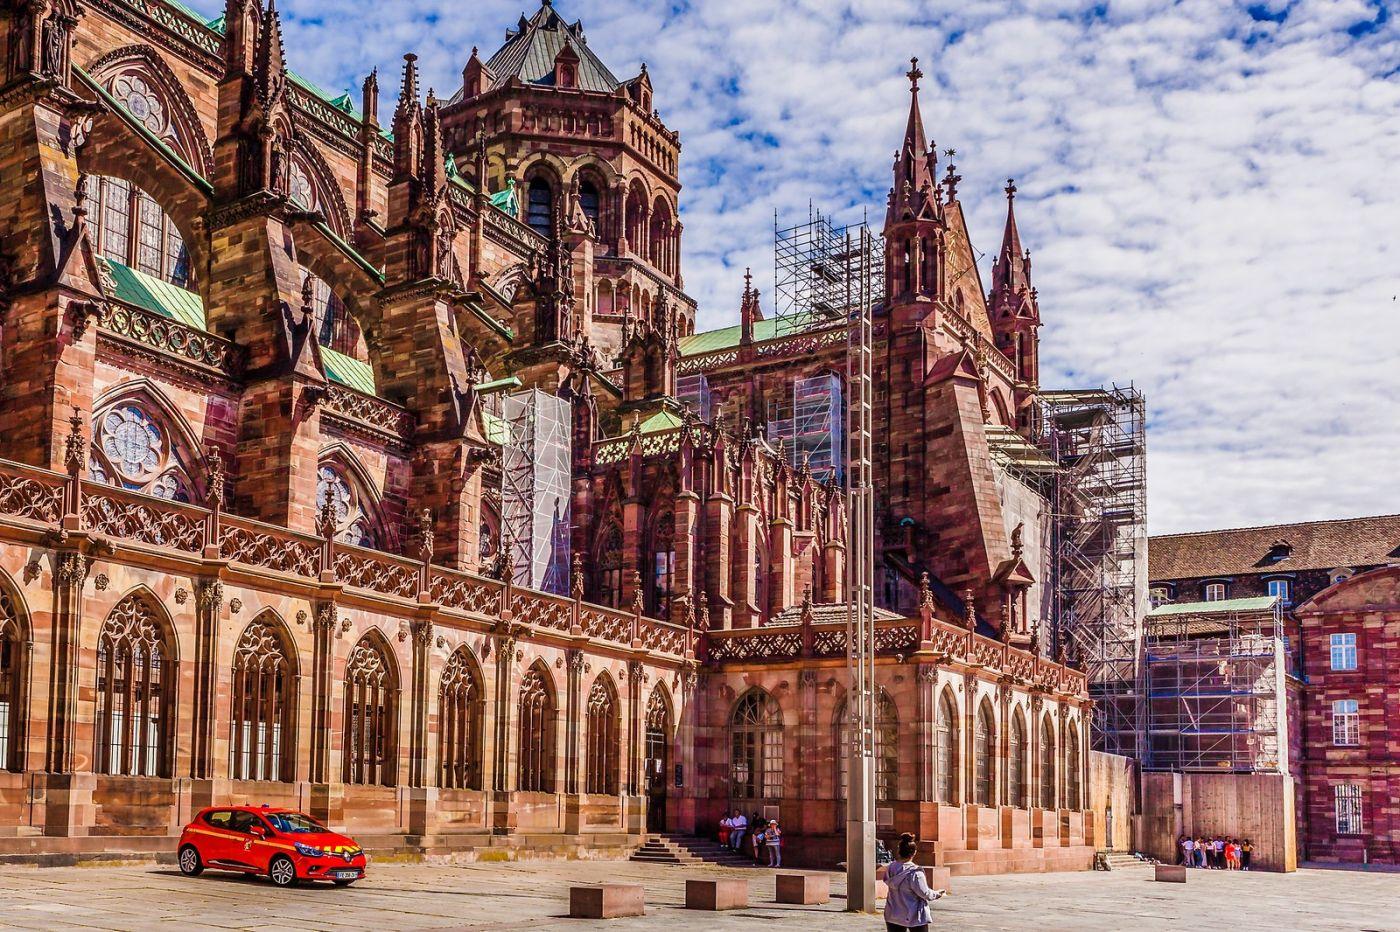 法国斯特拉斯堡(Strasbourg),八百年的主教堂_图1-10